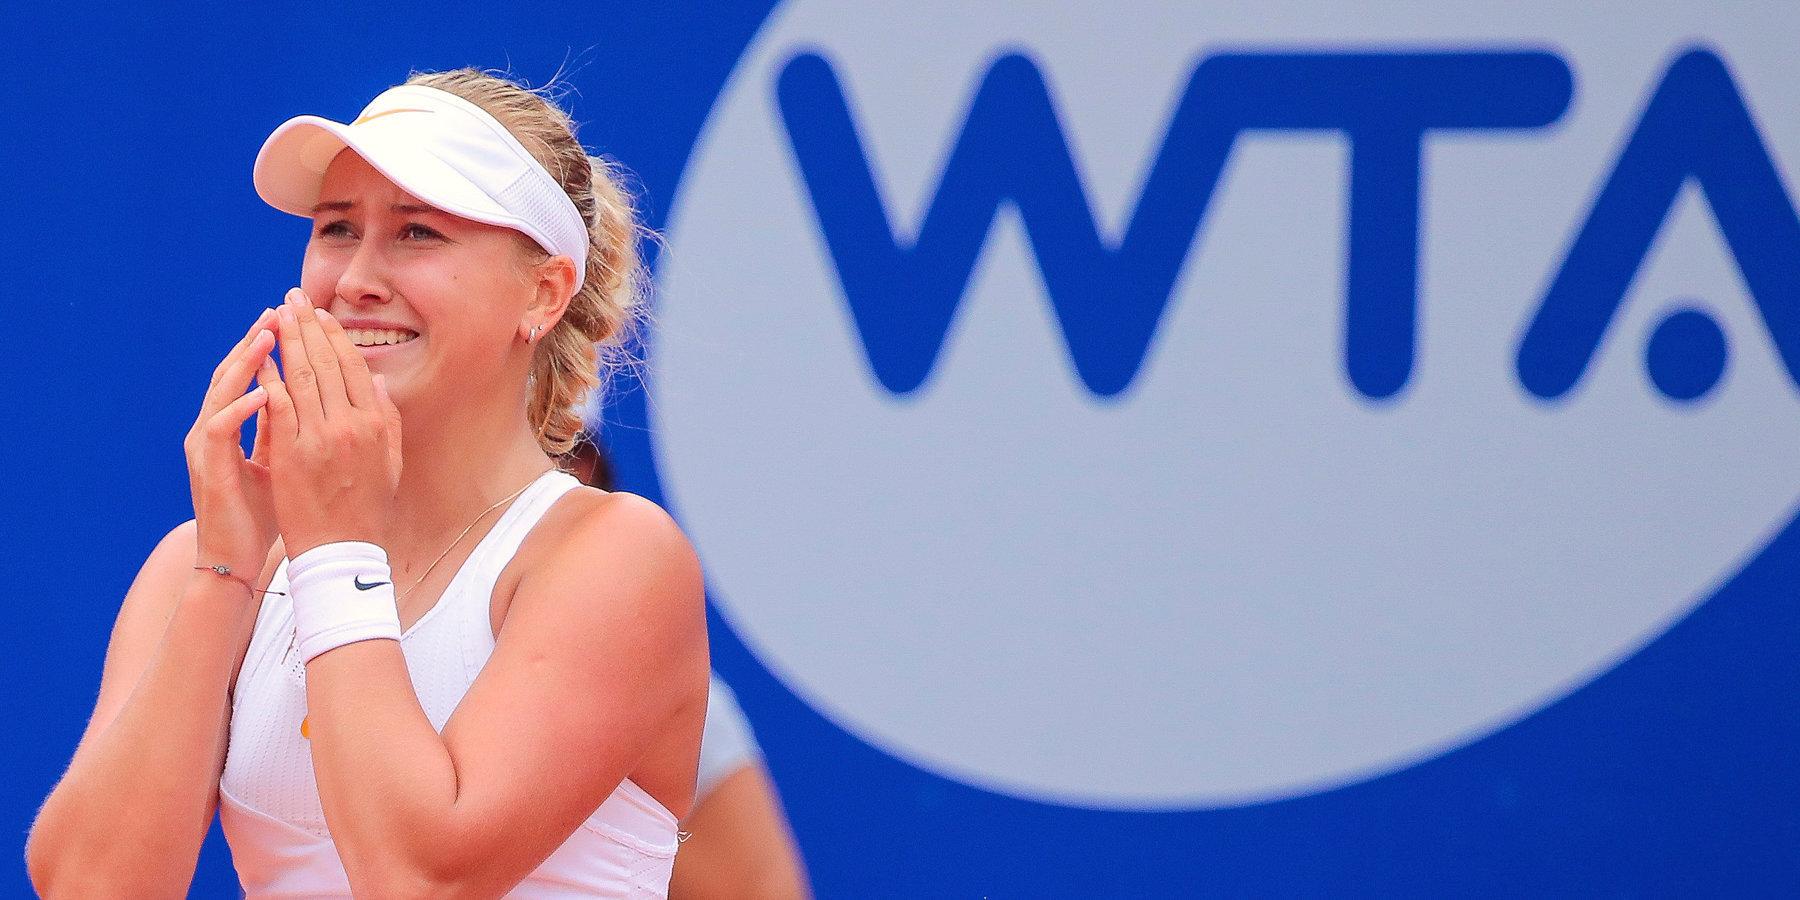 Потапова вышла в четвертьфинал турнира в Монтеррее